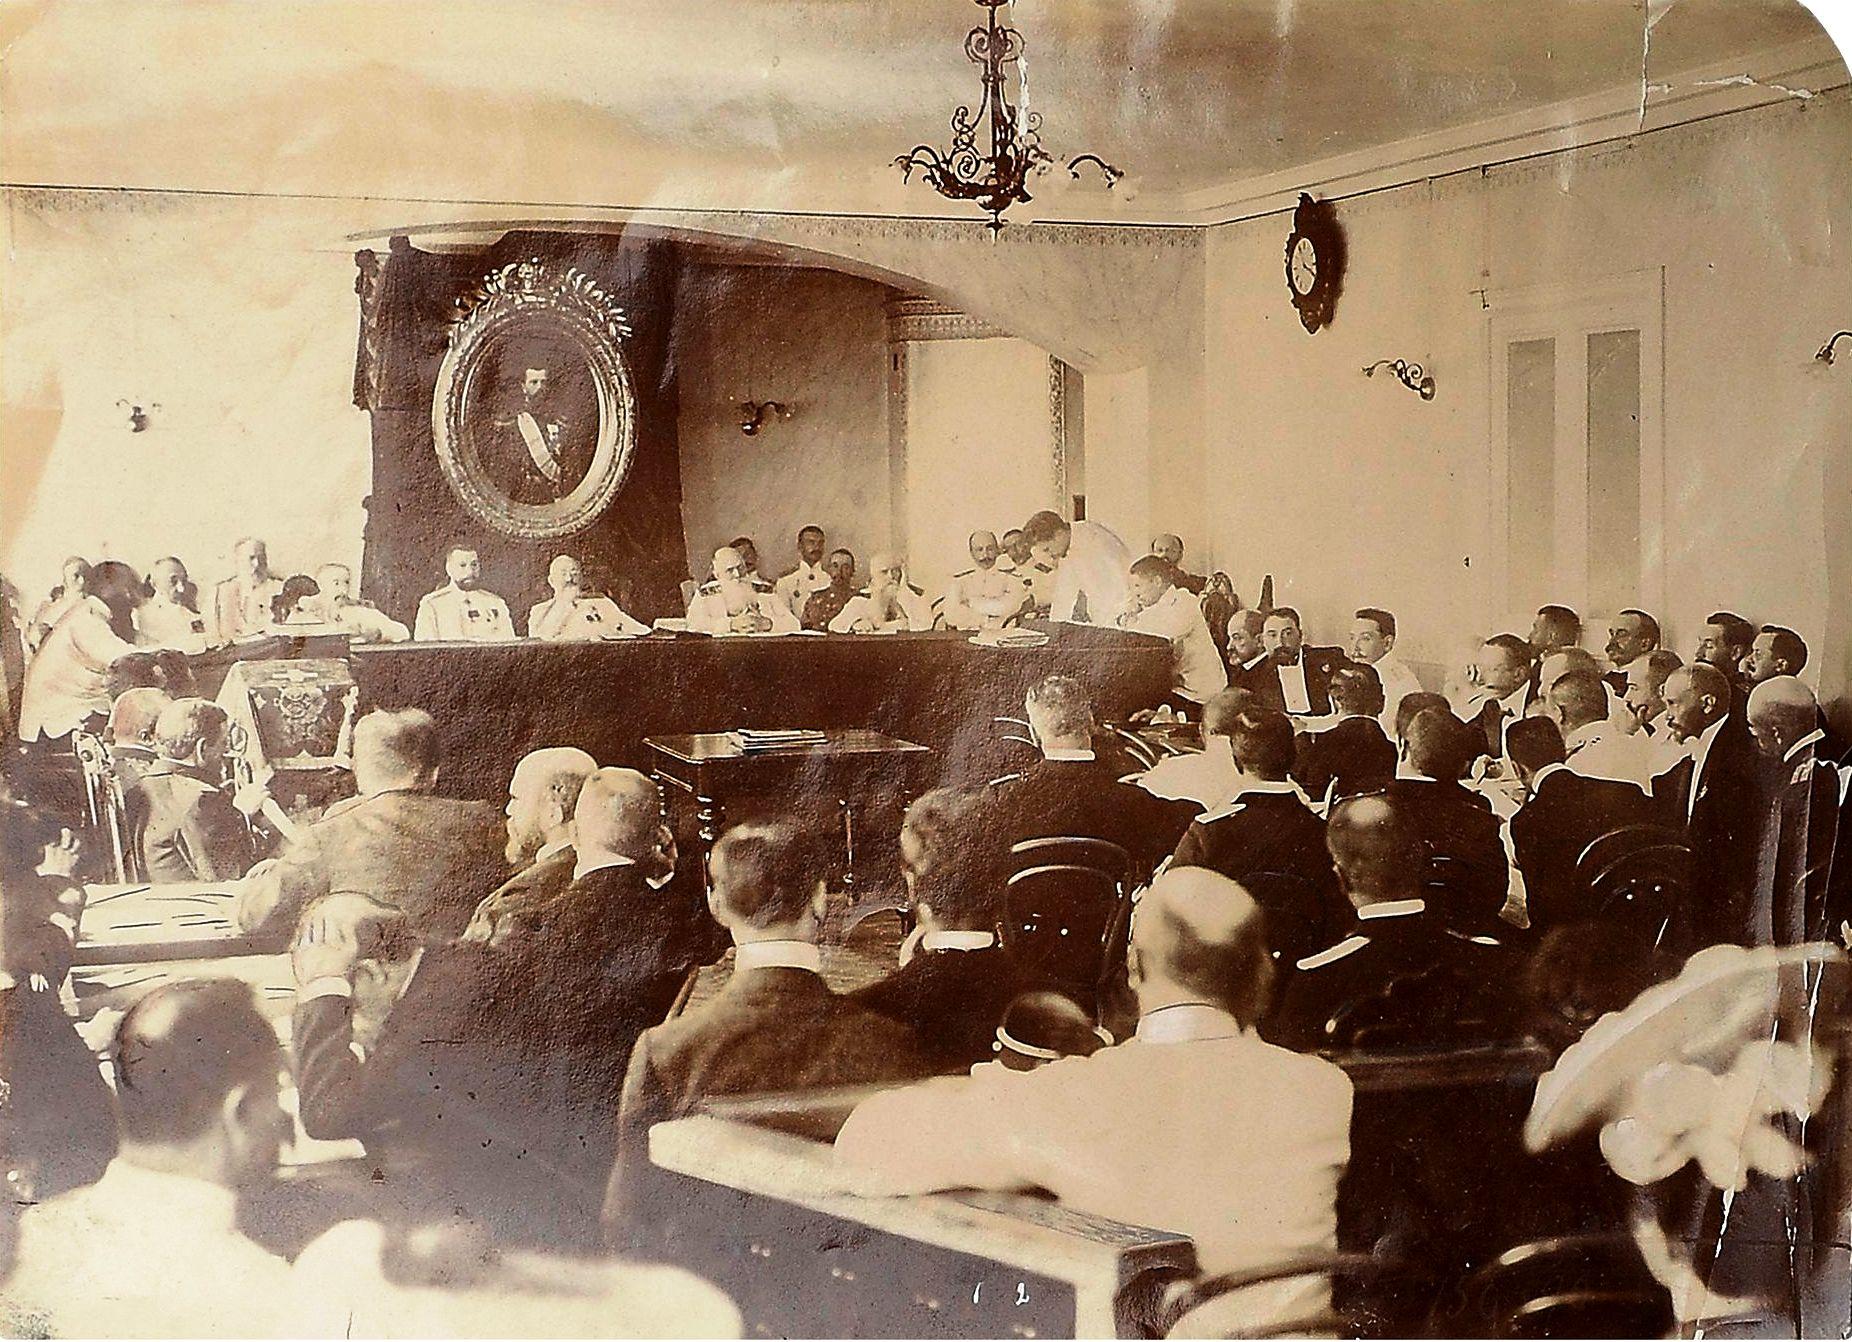 Фото вице-адмирала З. П. Рожественского во время дачи показаний военно-морскому суду под председательством генерала-лейтенанта Извекова, июнь-июль 1906